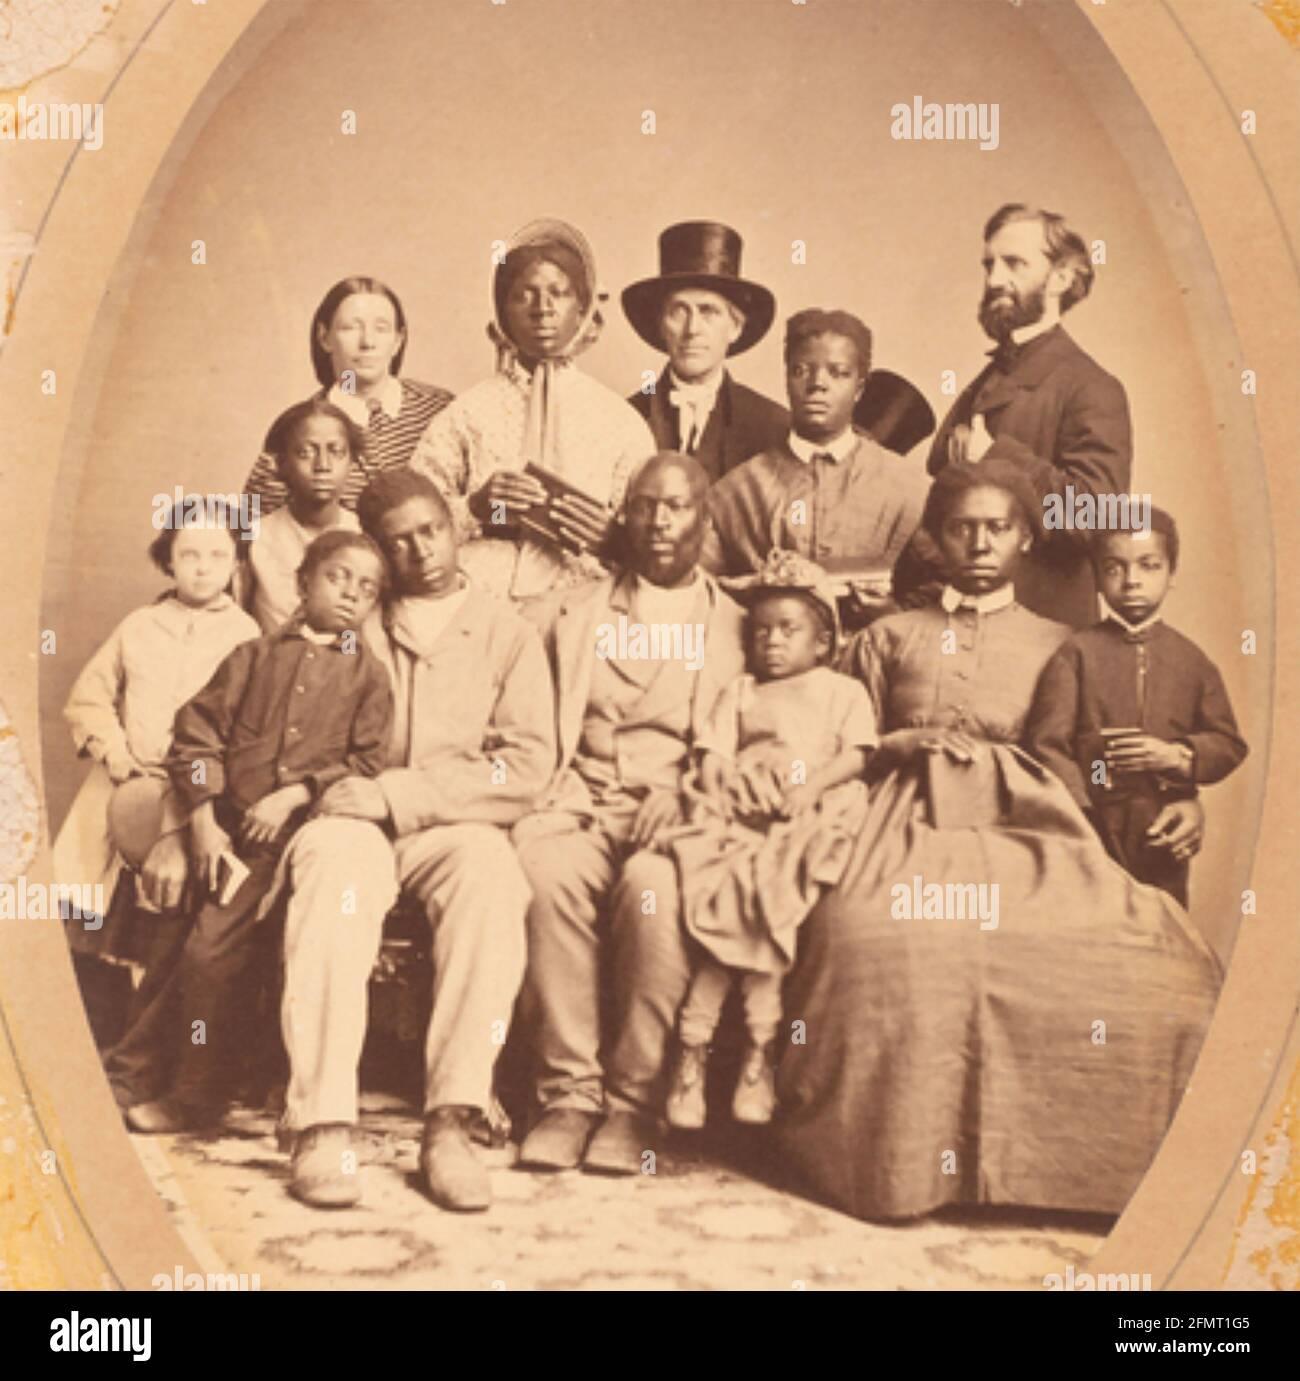 LEVI CERCUEIL (1798-1877) Quaker américain et abolitionniste (centre avec chapeau) avec son ami Jonathan Rummel les droits et le groupe d'anciens esclaves qu'ils ont sauvés. Banque D'Images